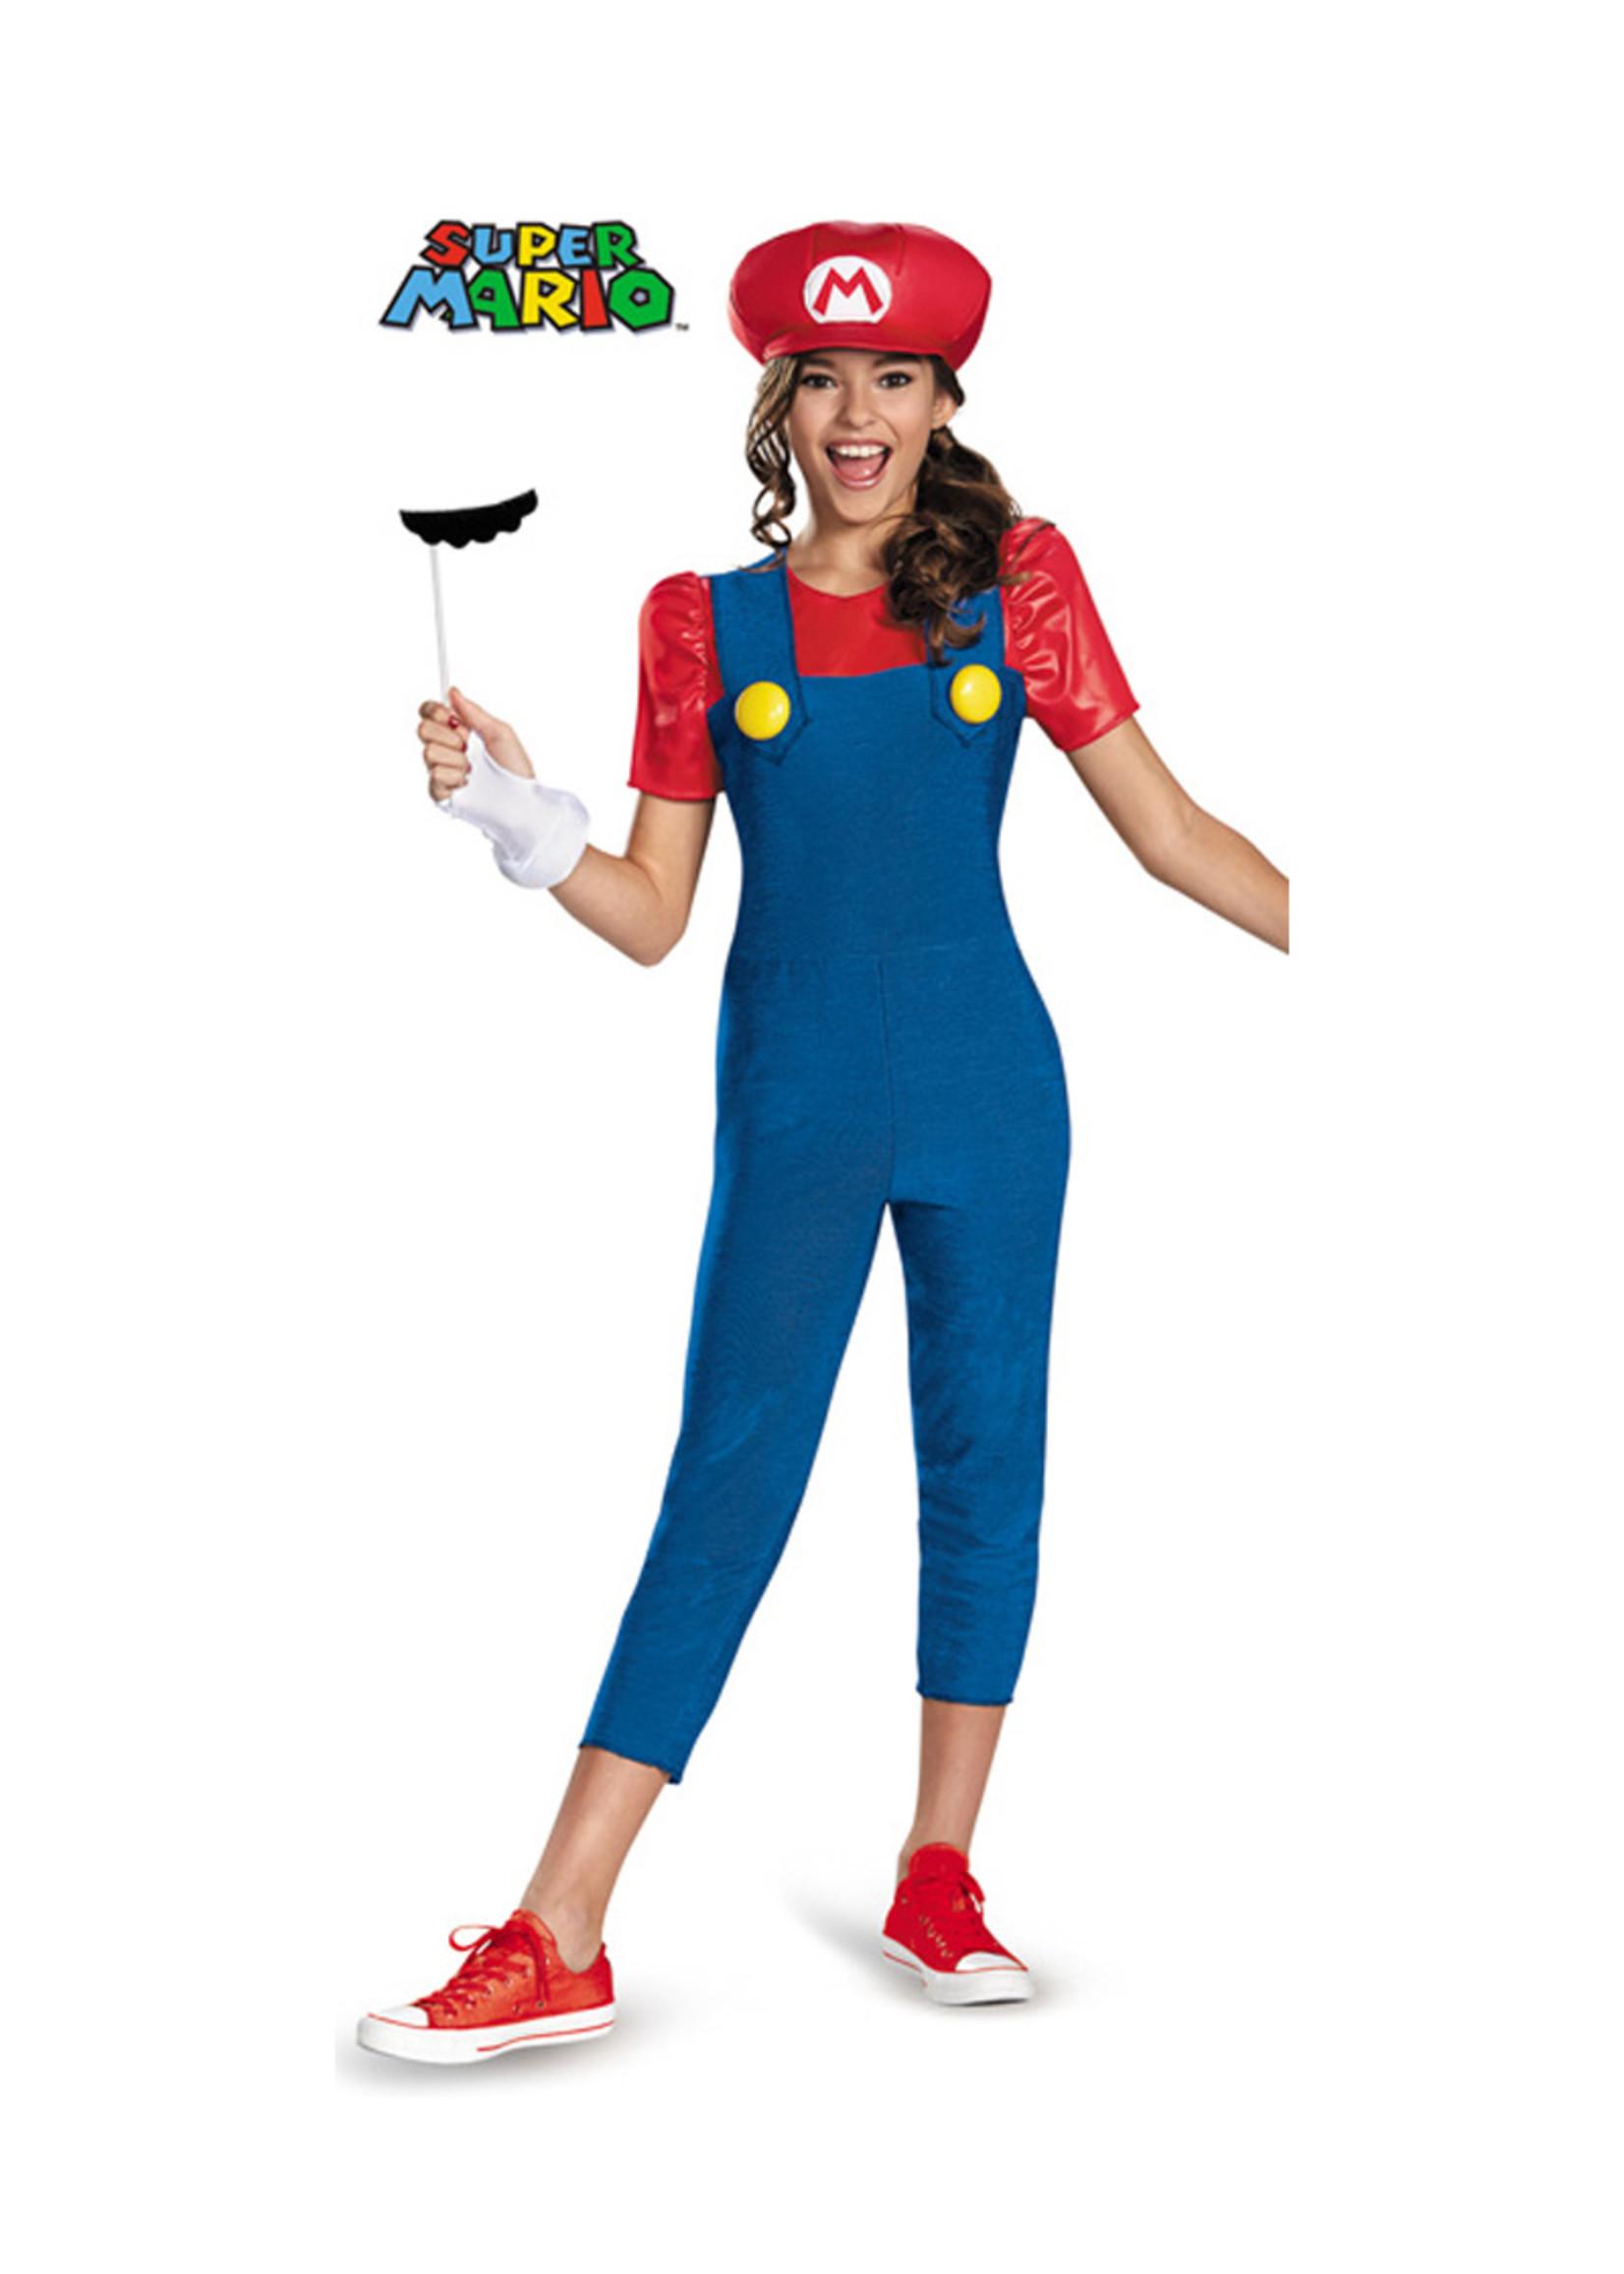 Mario Costume - Girls